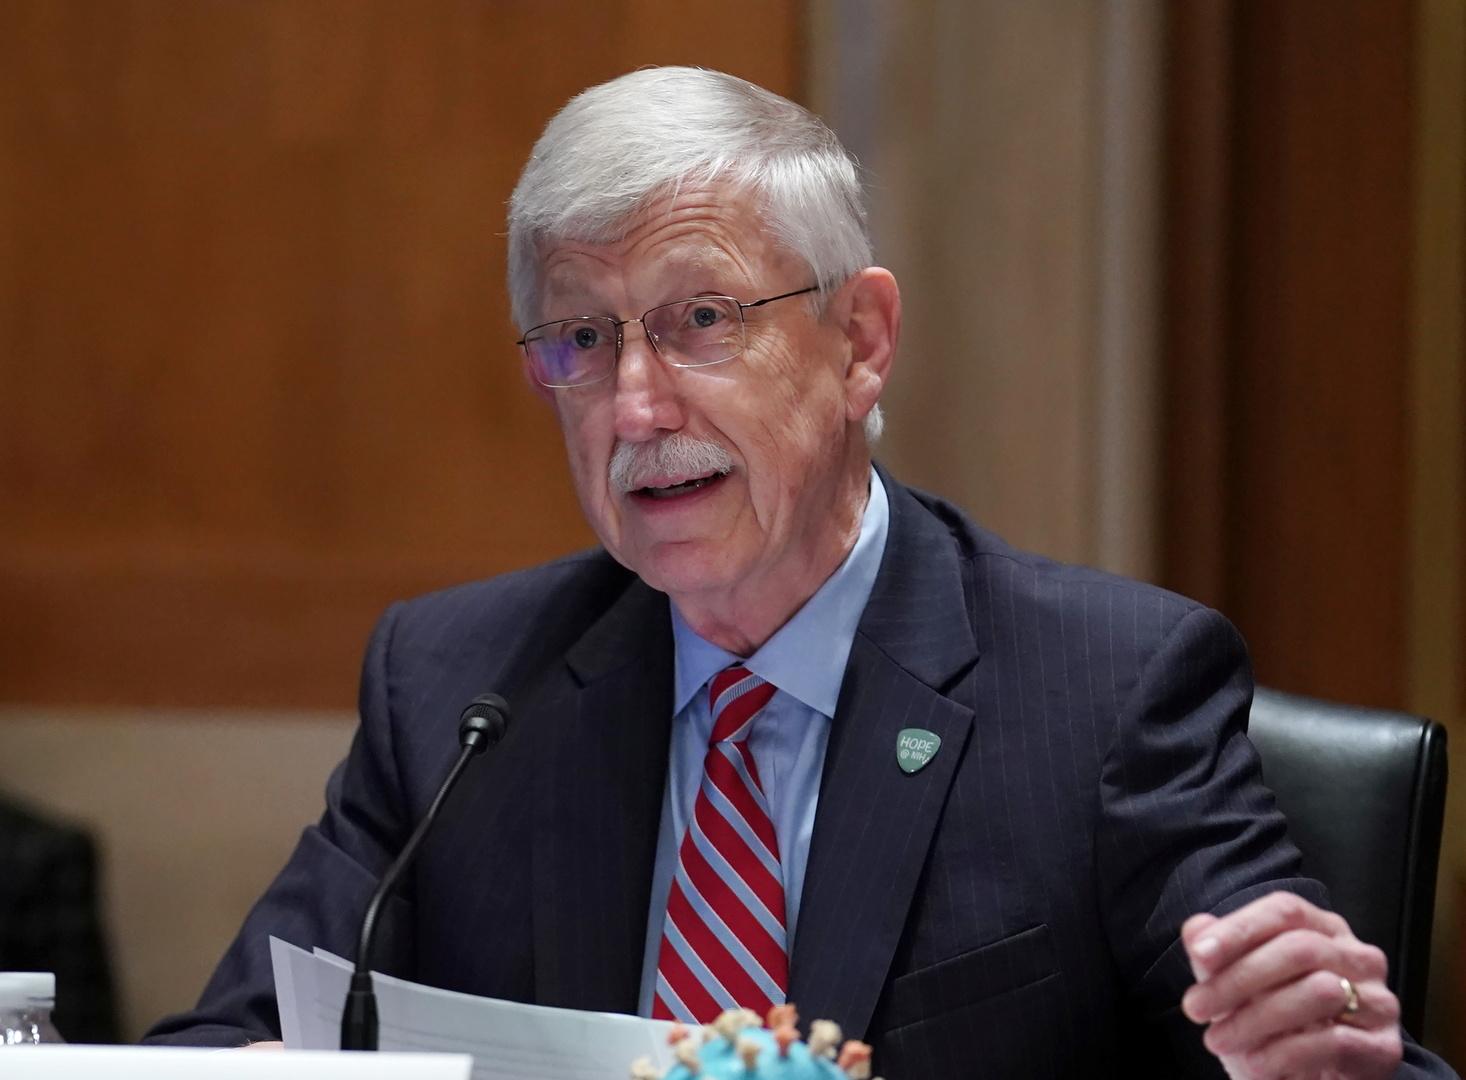 فرانسيس كولينز، مدير المعاهد الوطنية الأمريكية للصحة